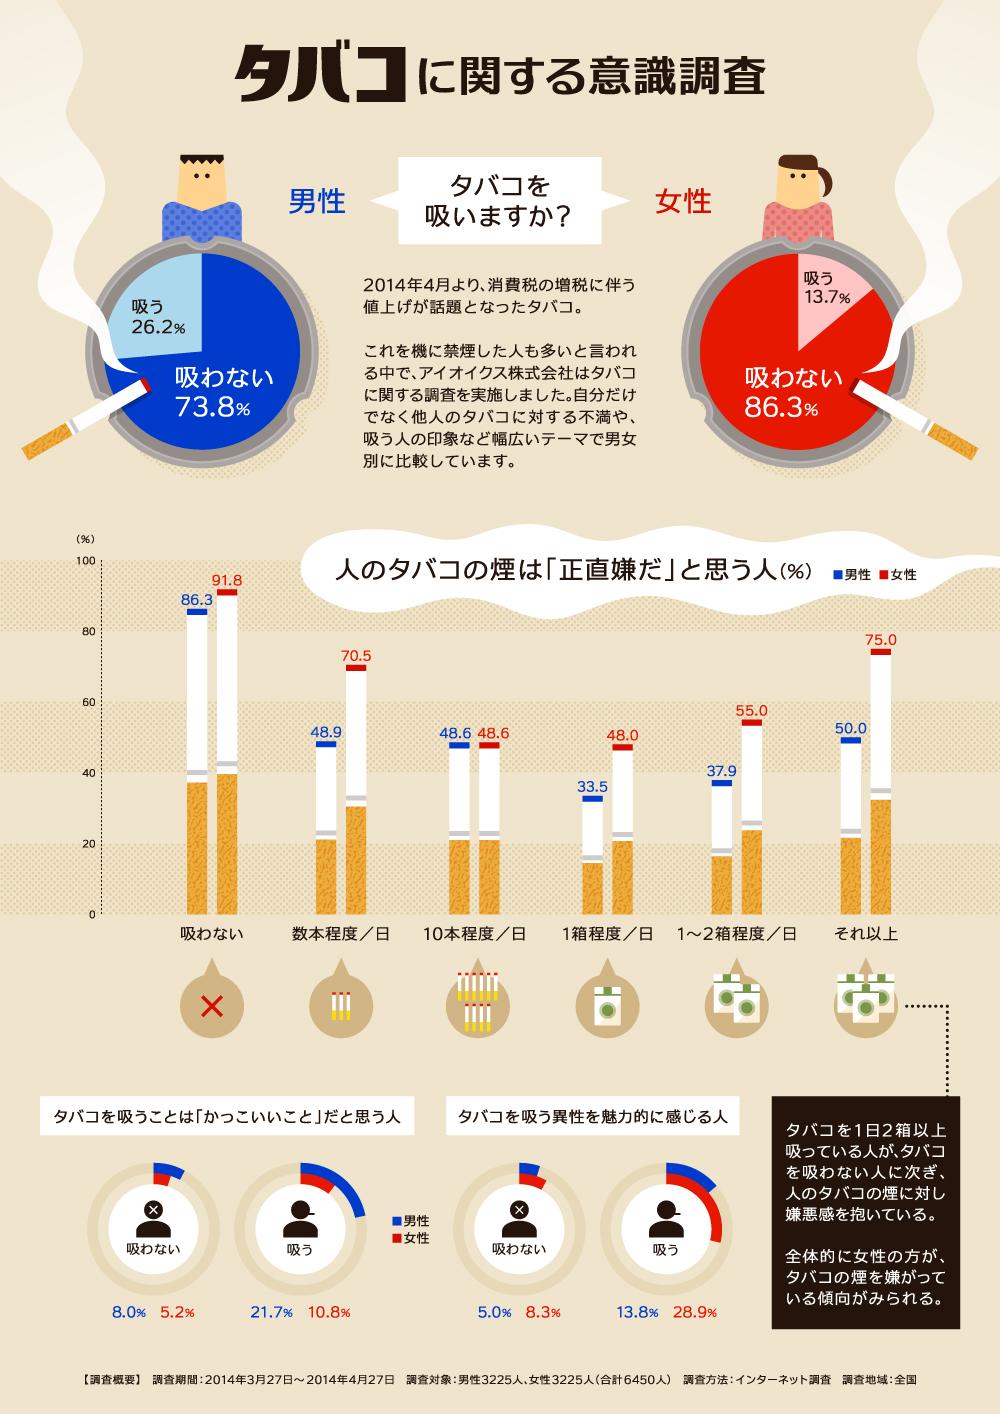 インフォグラフィック:喫煙者25%、煙が嫌な人は90%。タバコのモラルとマナー